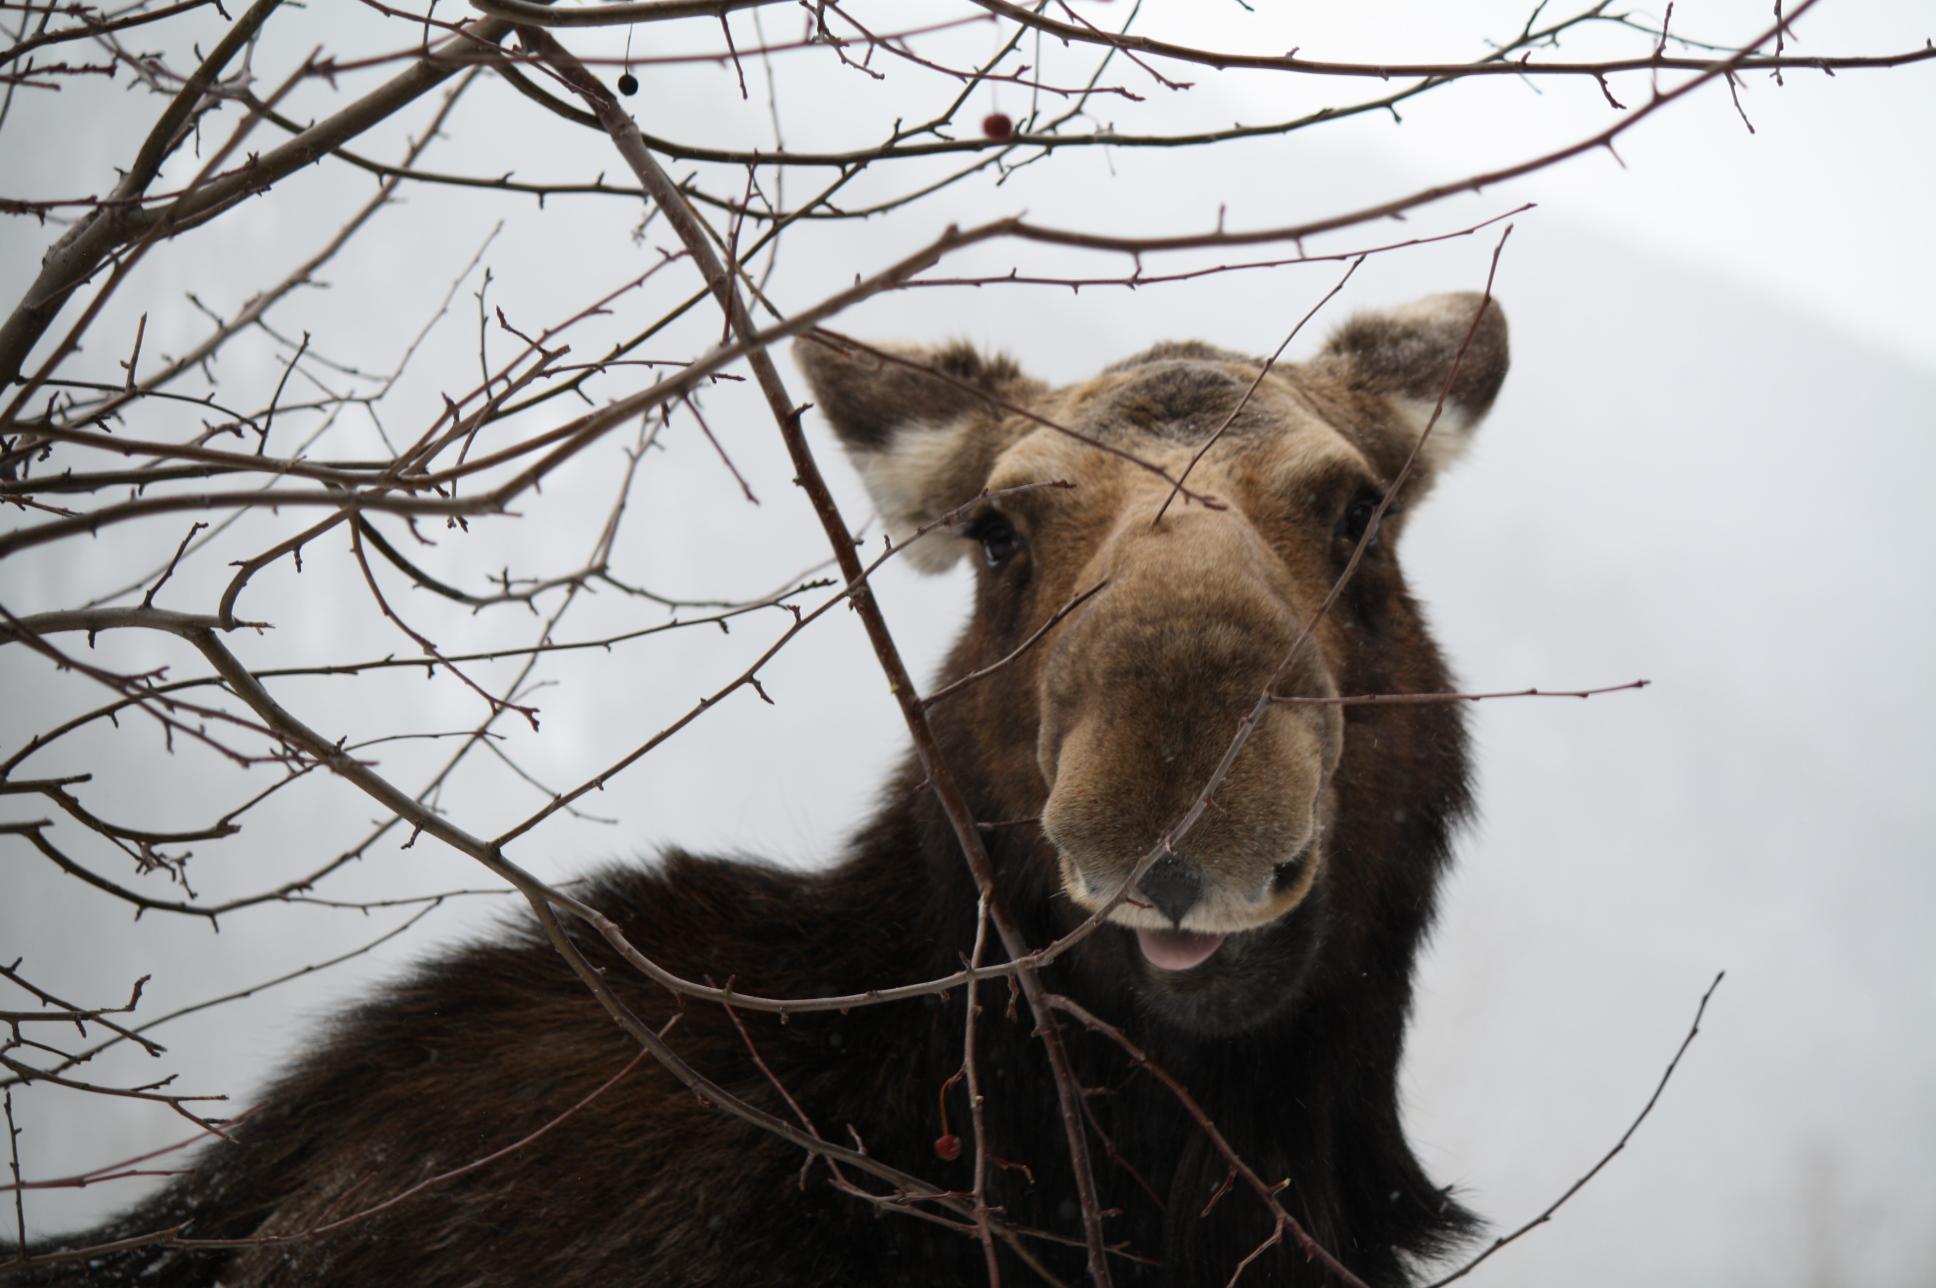 Alces alces - Moose